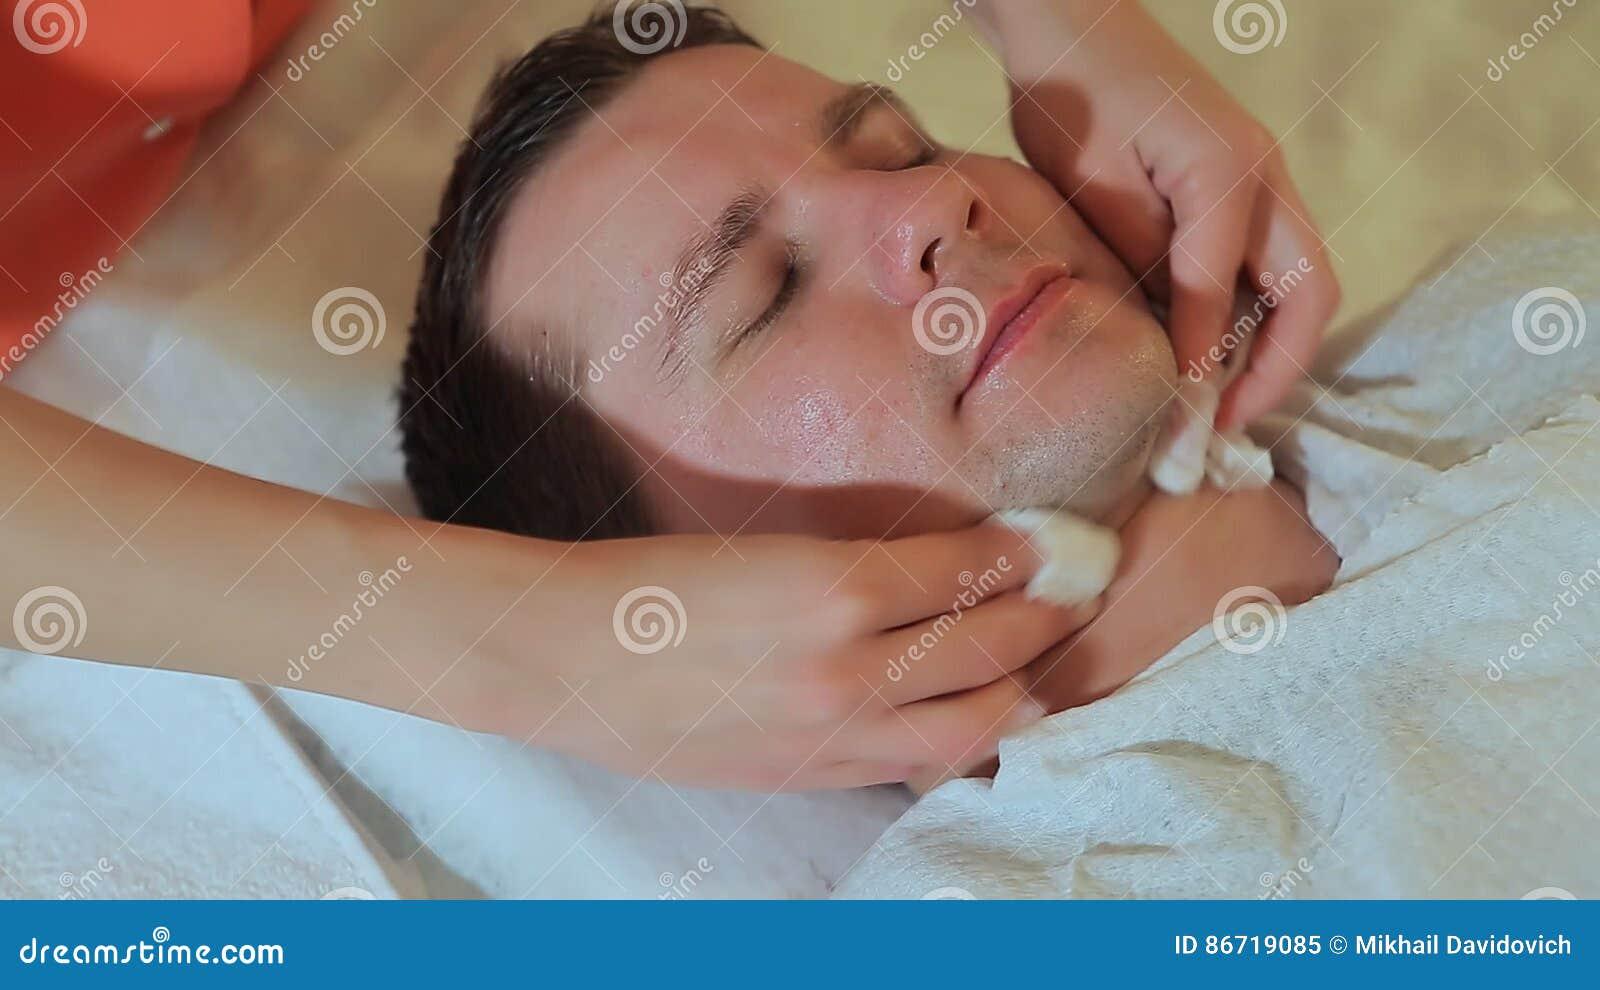 X massage hd